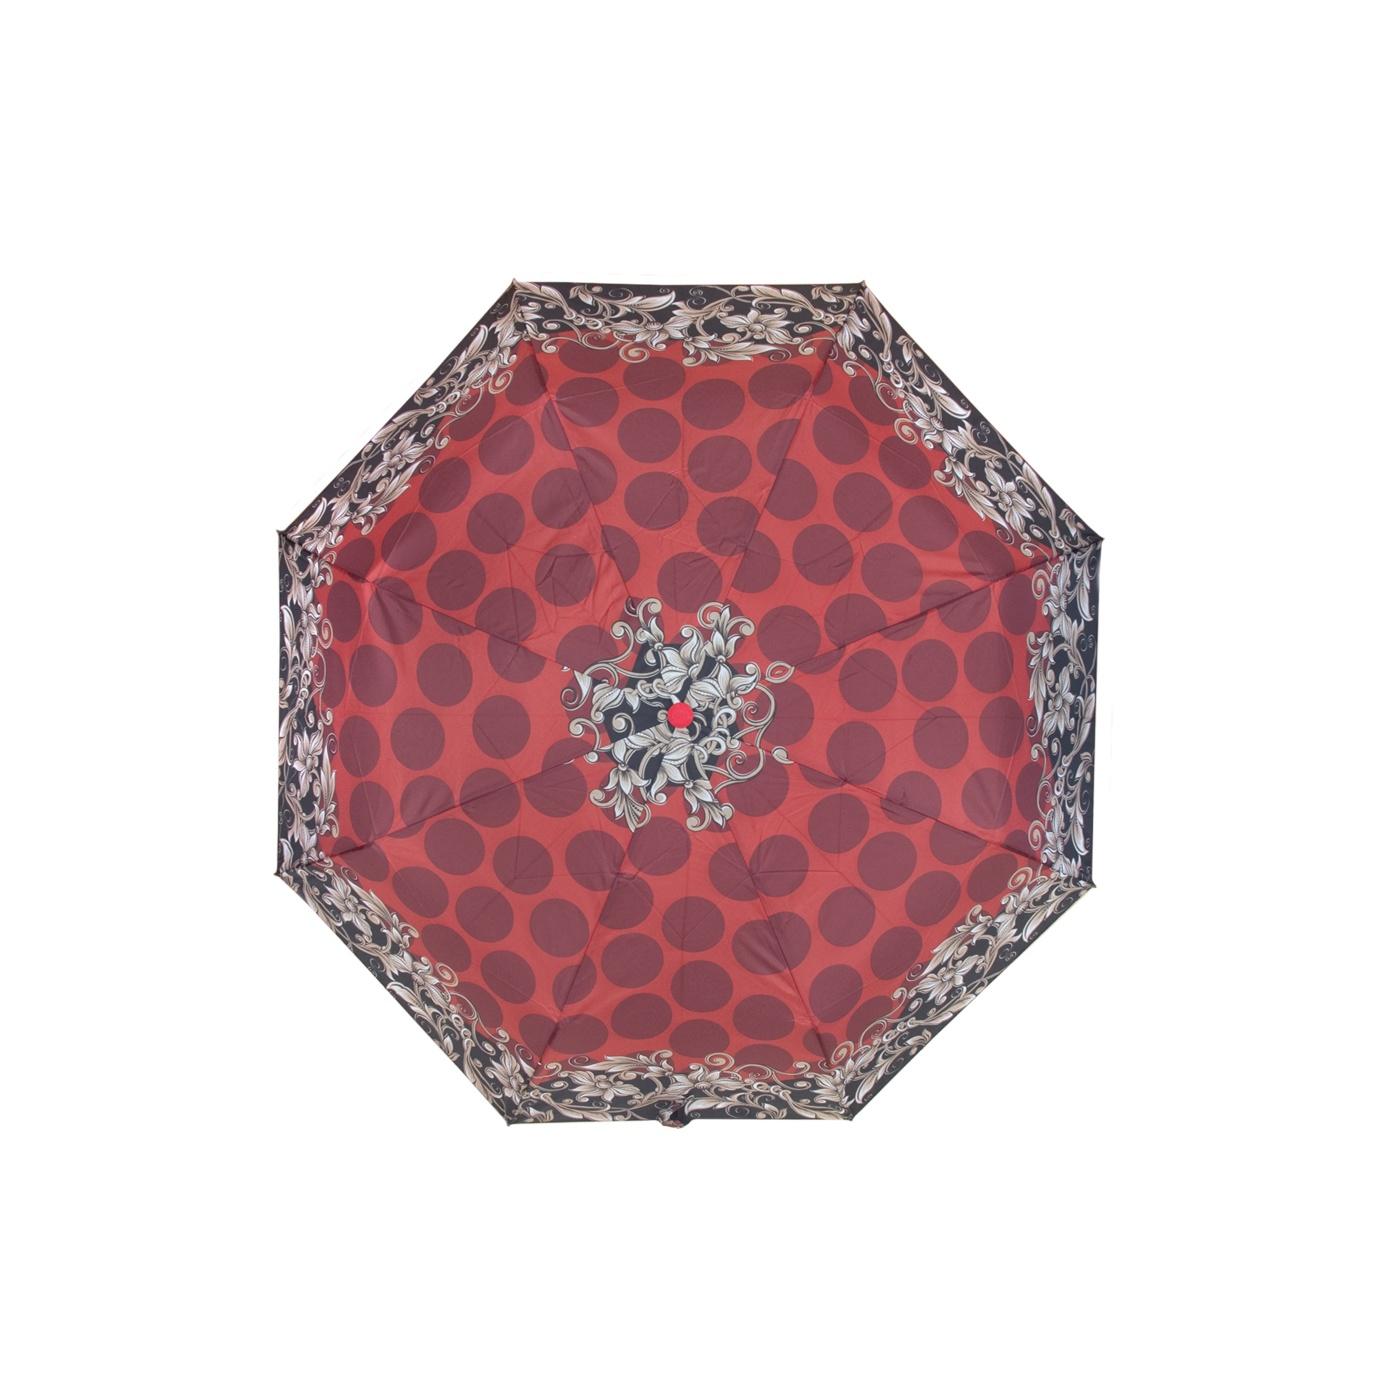 Damski parasol automatyczny we wzorki (39)